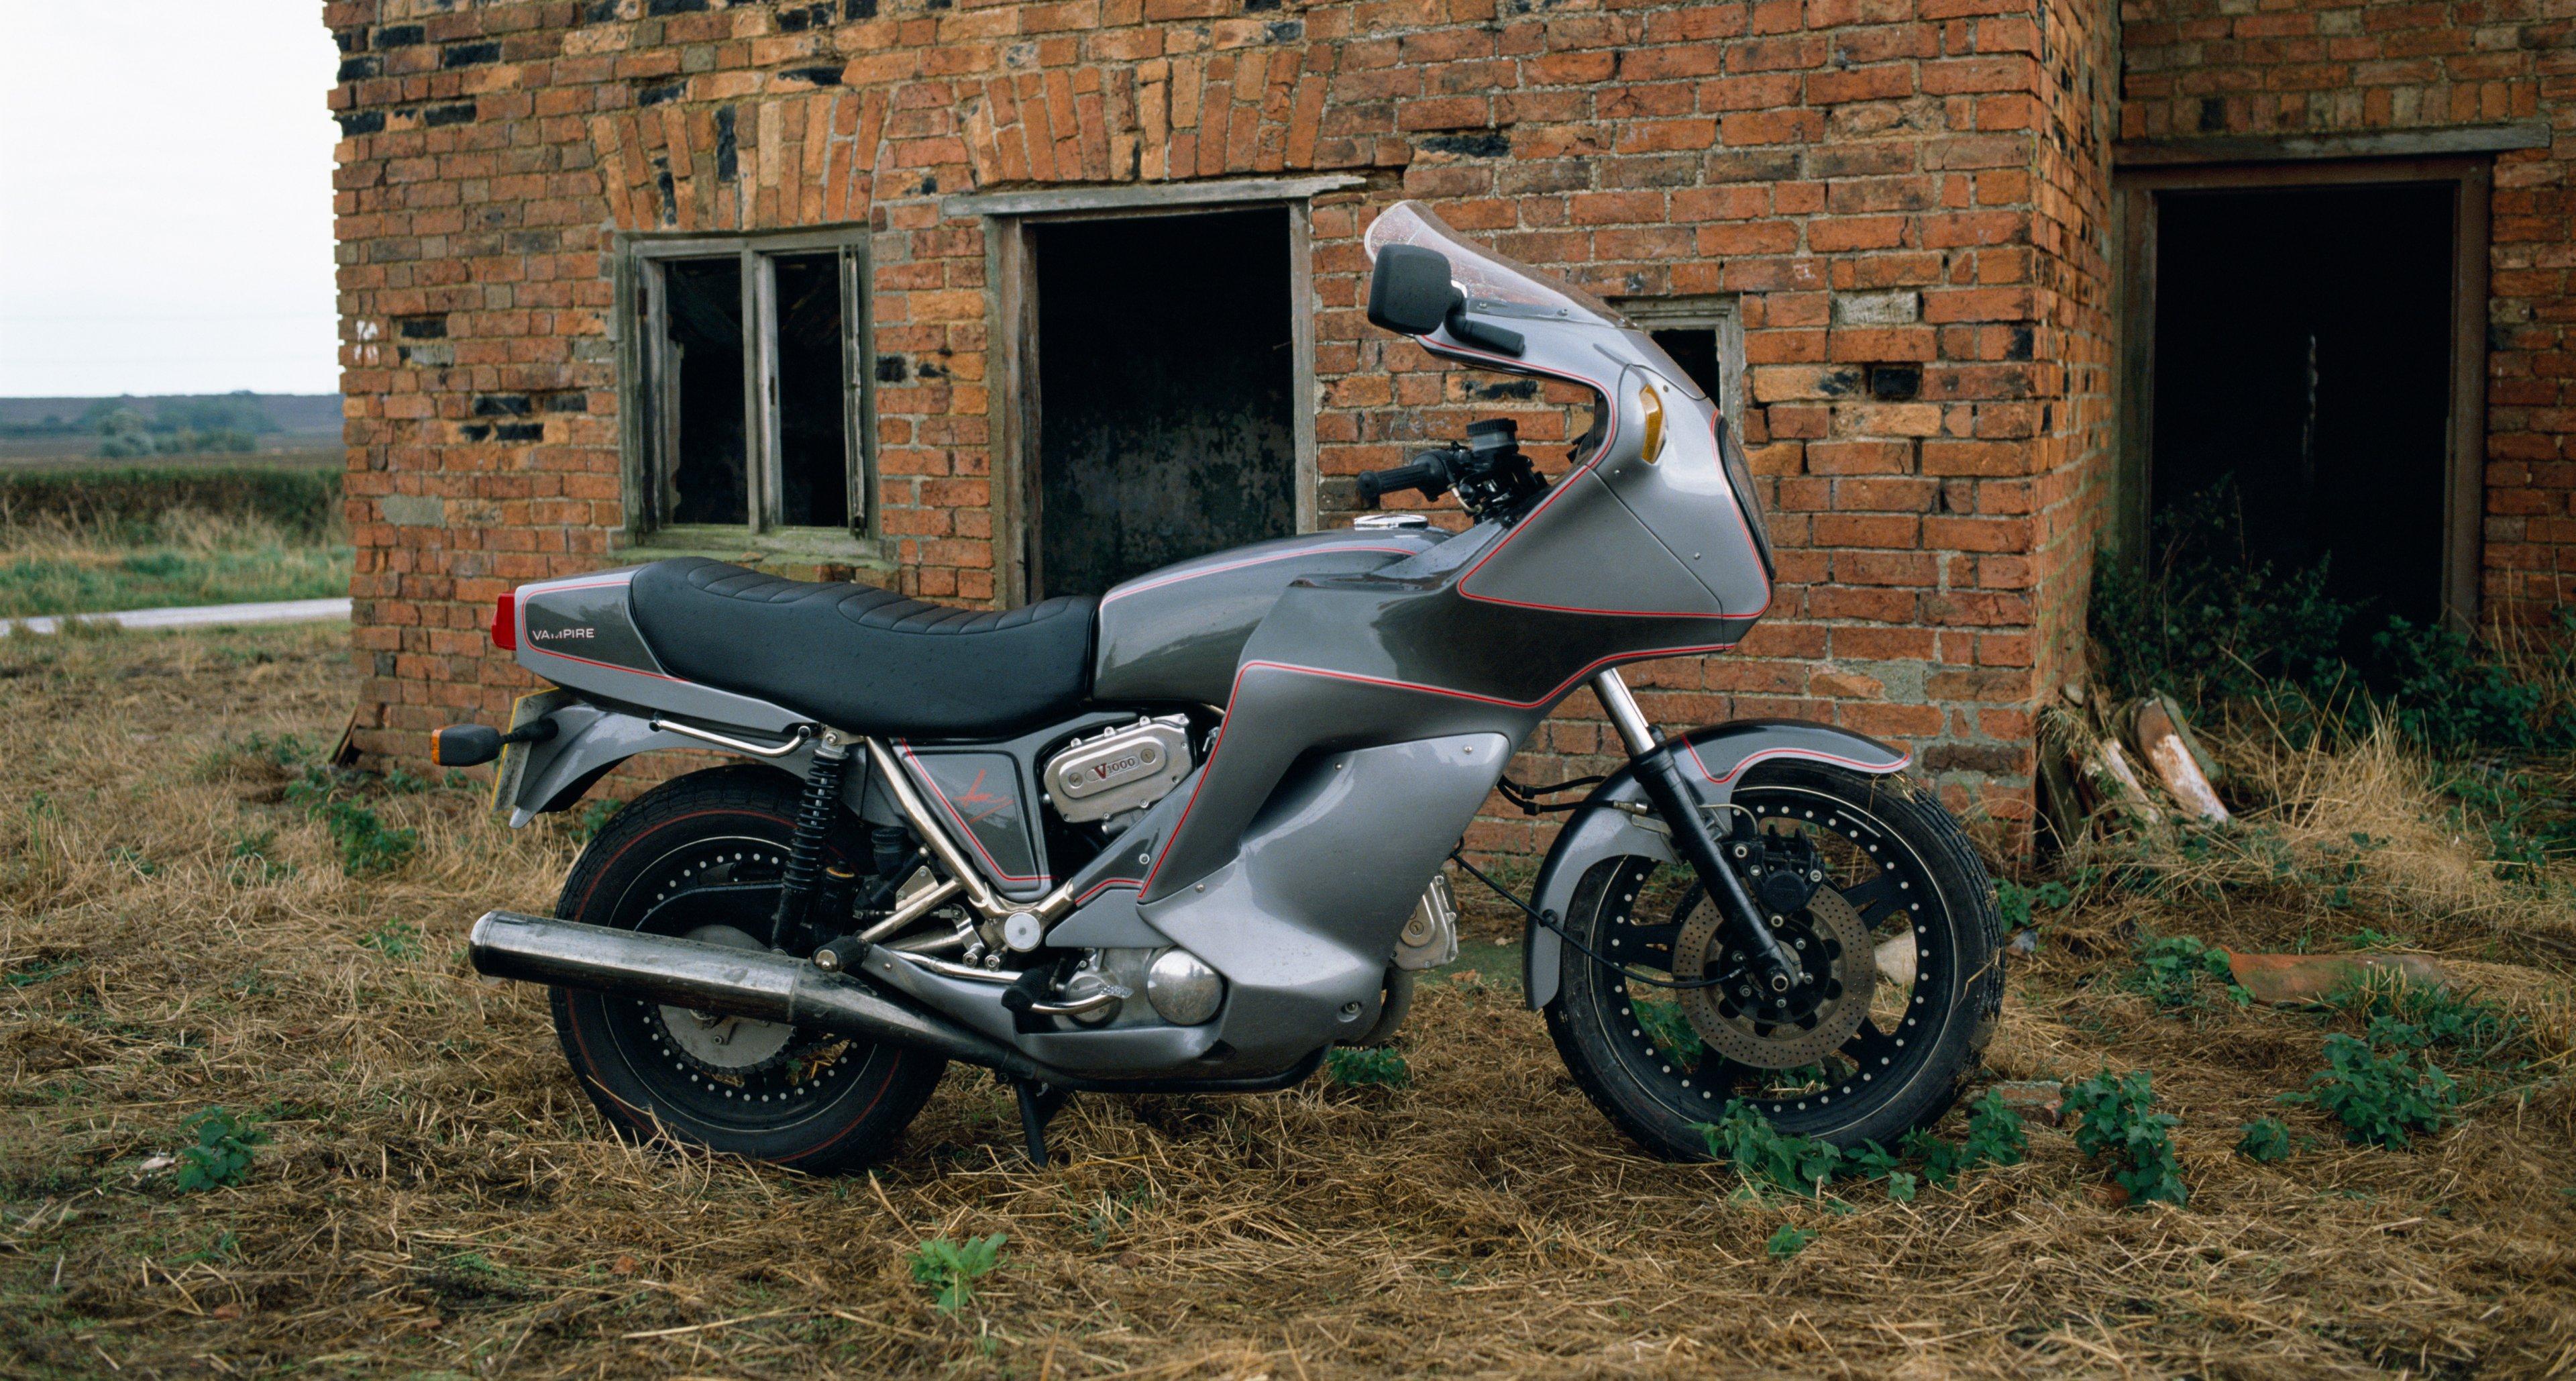 A Hesketh Motorcycles V1000 Vampire